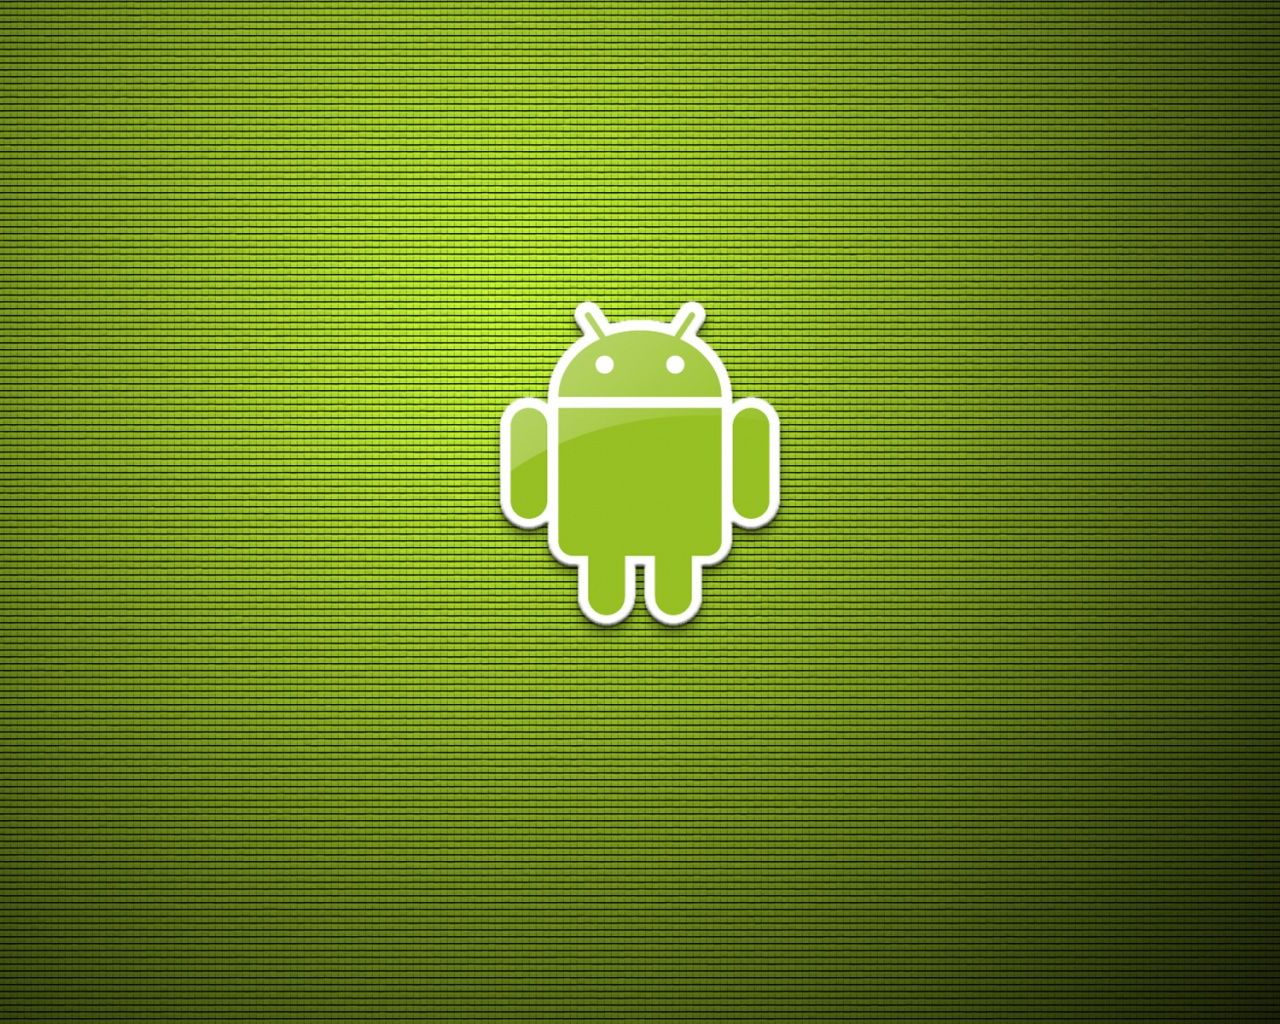 Android 安卓程序无法退出,需要清理吗?后台运行程序太多怎么办?